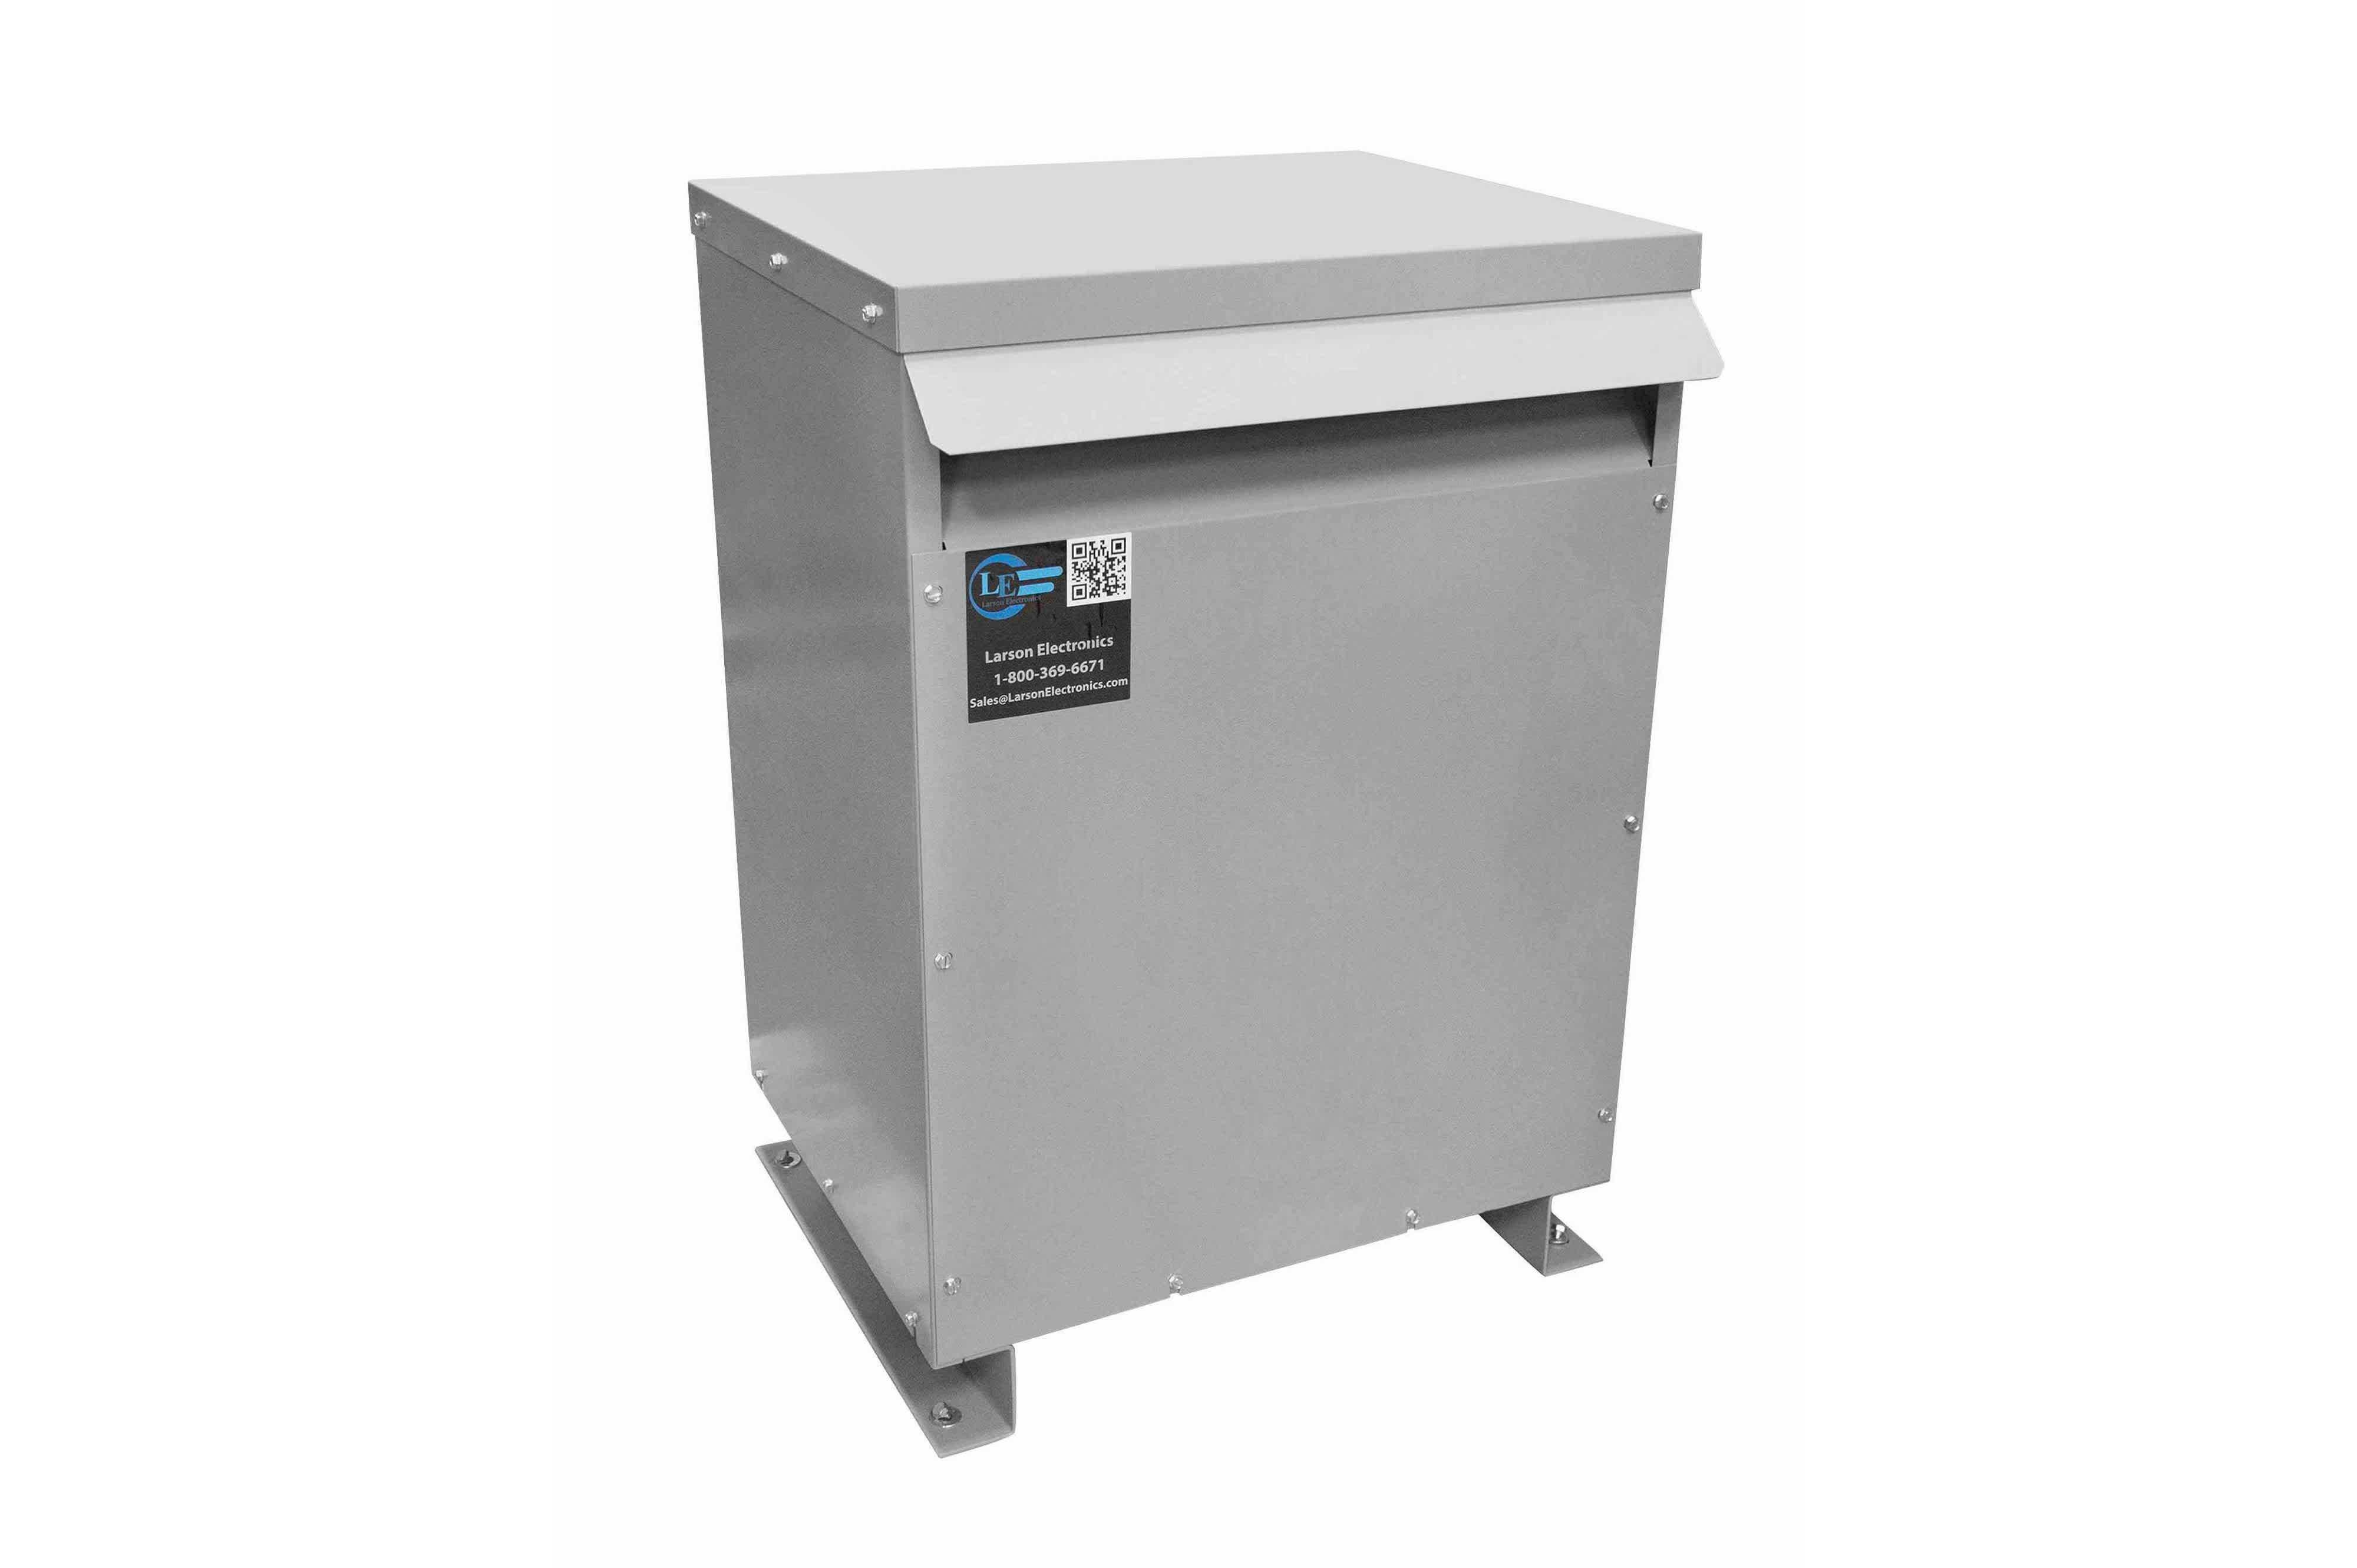 400 kVA 3PH Isolation Transformer, 230V Delta Primary, 208V Delta Secondary, N3R, Ventilated, 60 Hz